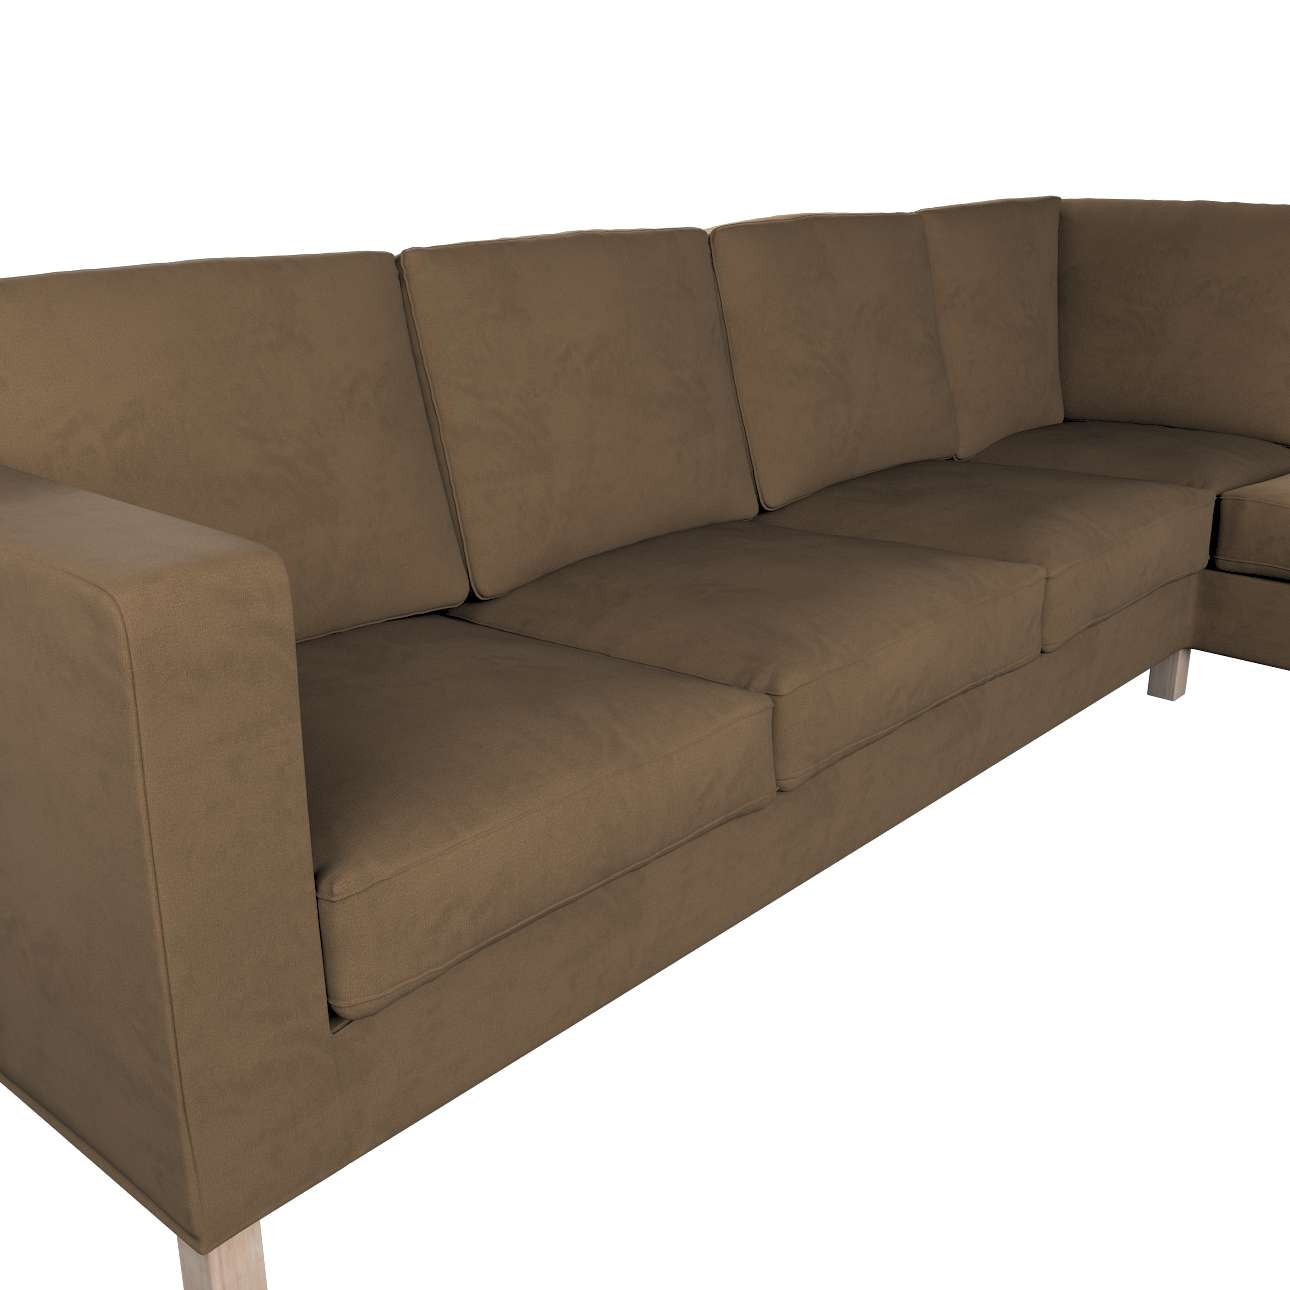 Pokrowiec na sofę narożną lewostronną Karlanda w kolekcji Living II, tkanina: 160-94